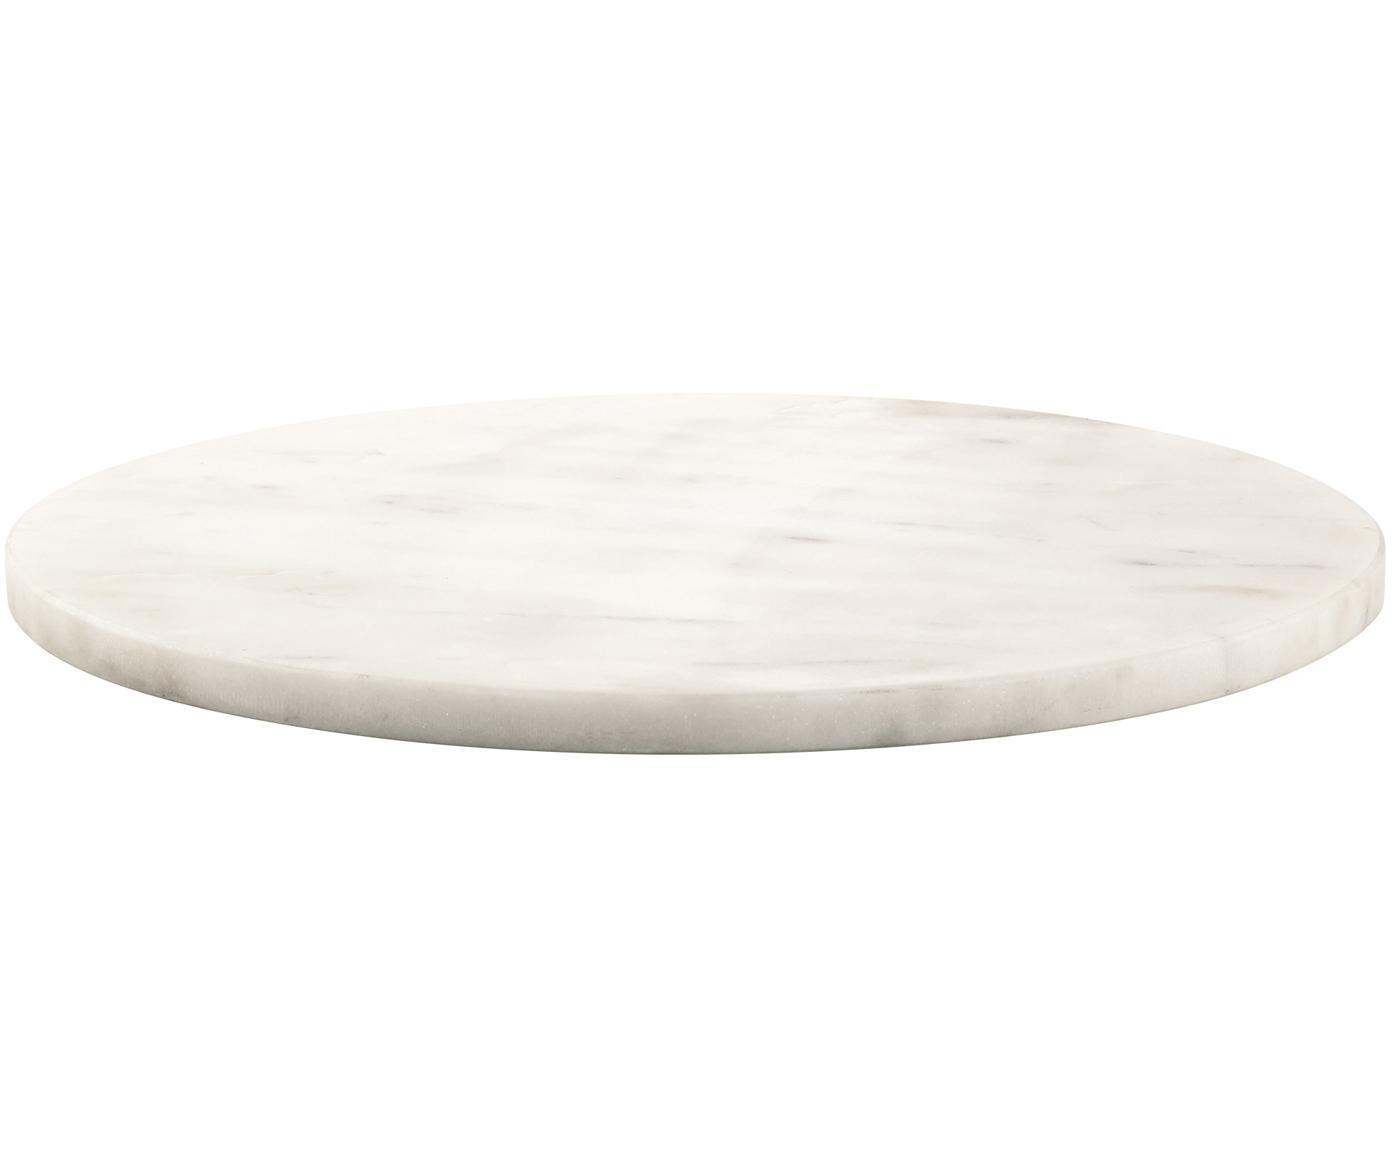 Piatto da portata in marmo Minu, Marmo, Bianco, Ø 30 cm